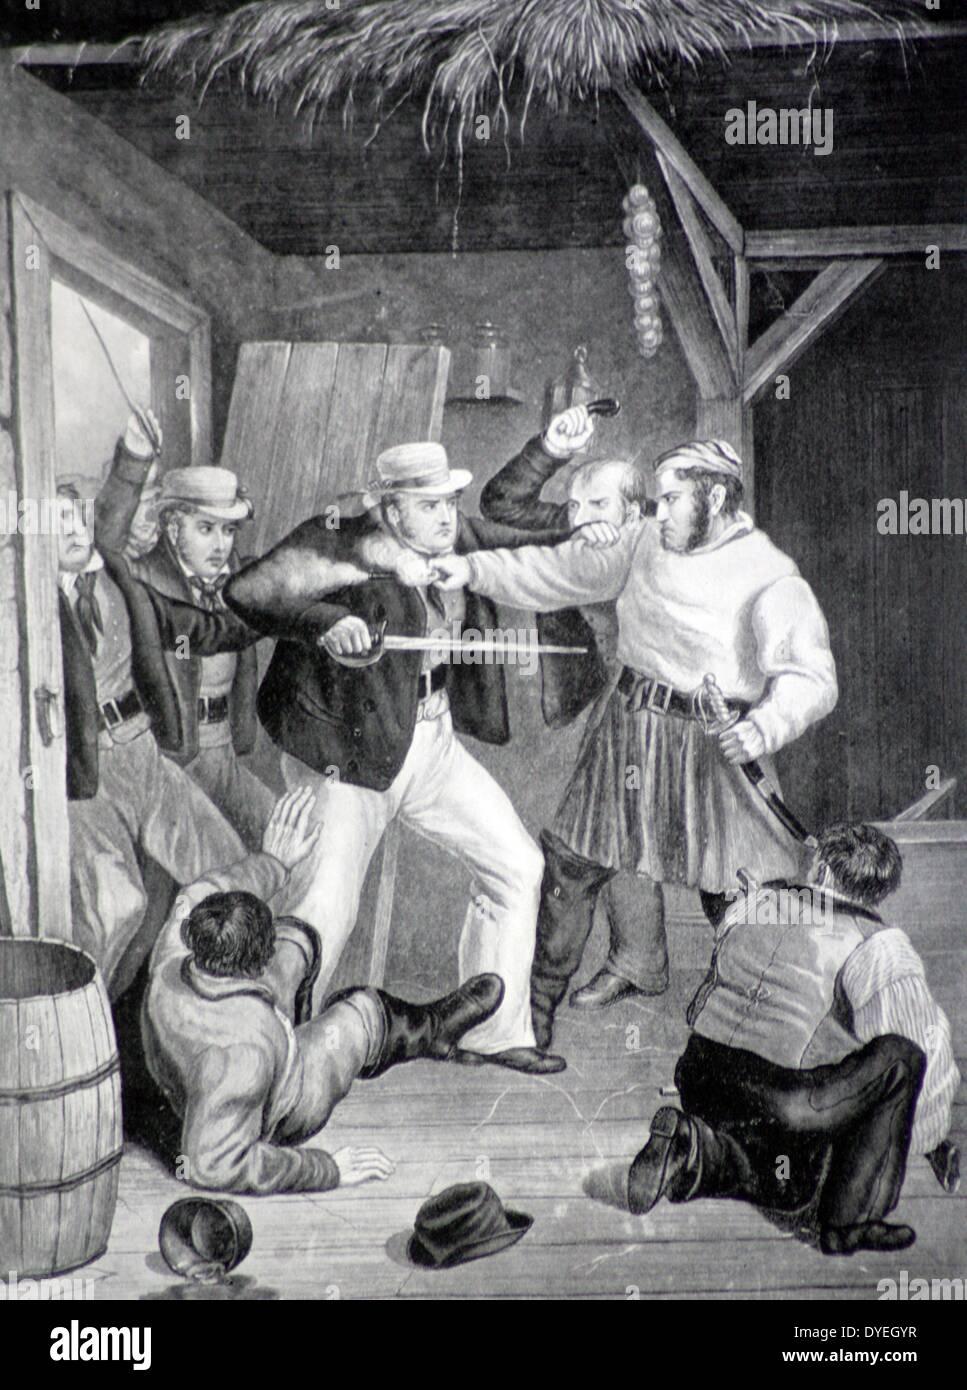 Los contrabandistas sorprendidos por los ingresos de los hombres. Desde el final de las guerras napoleónicas hasta finales de los años 30, las autoridades han tenido que tomar medidas enérgicas contra los traficantes, especialmente en Kent y Sussex, y peleas entre los dos no eran infrecuentes. Foto de stock